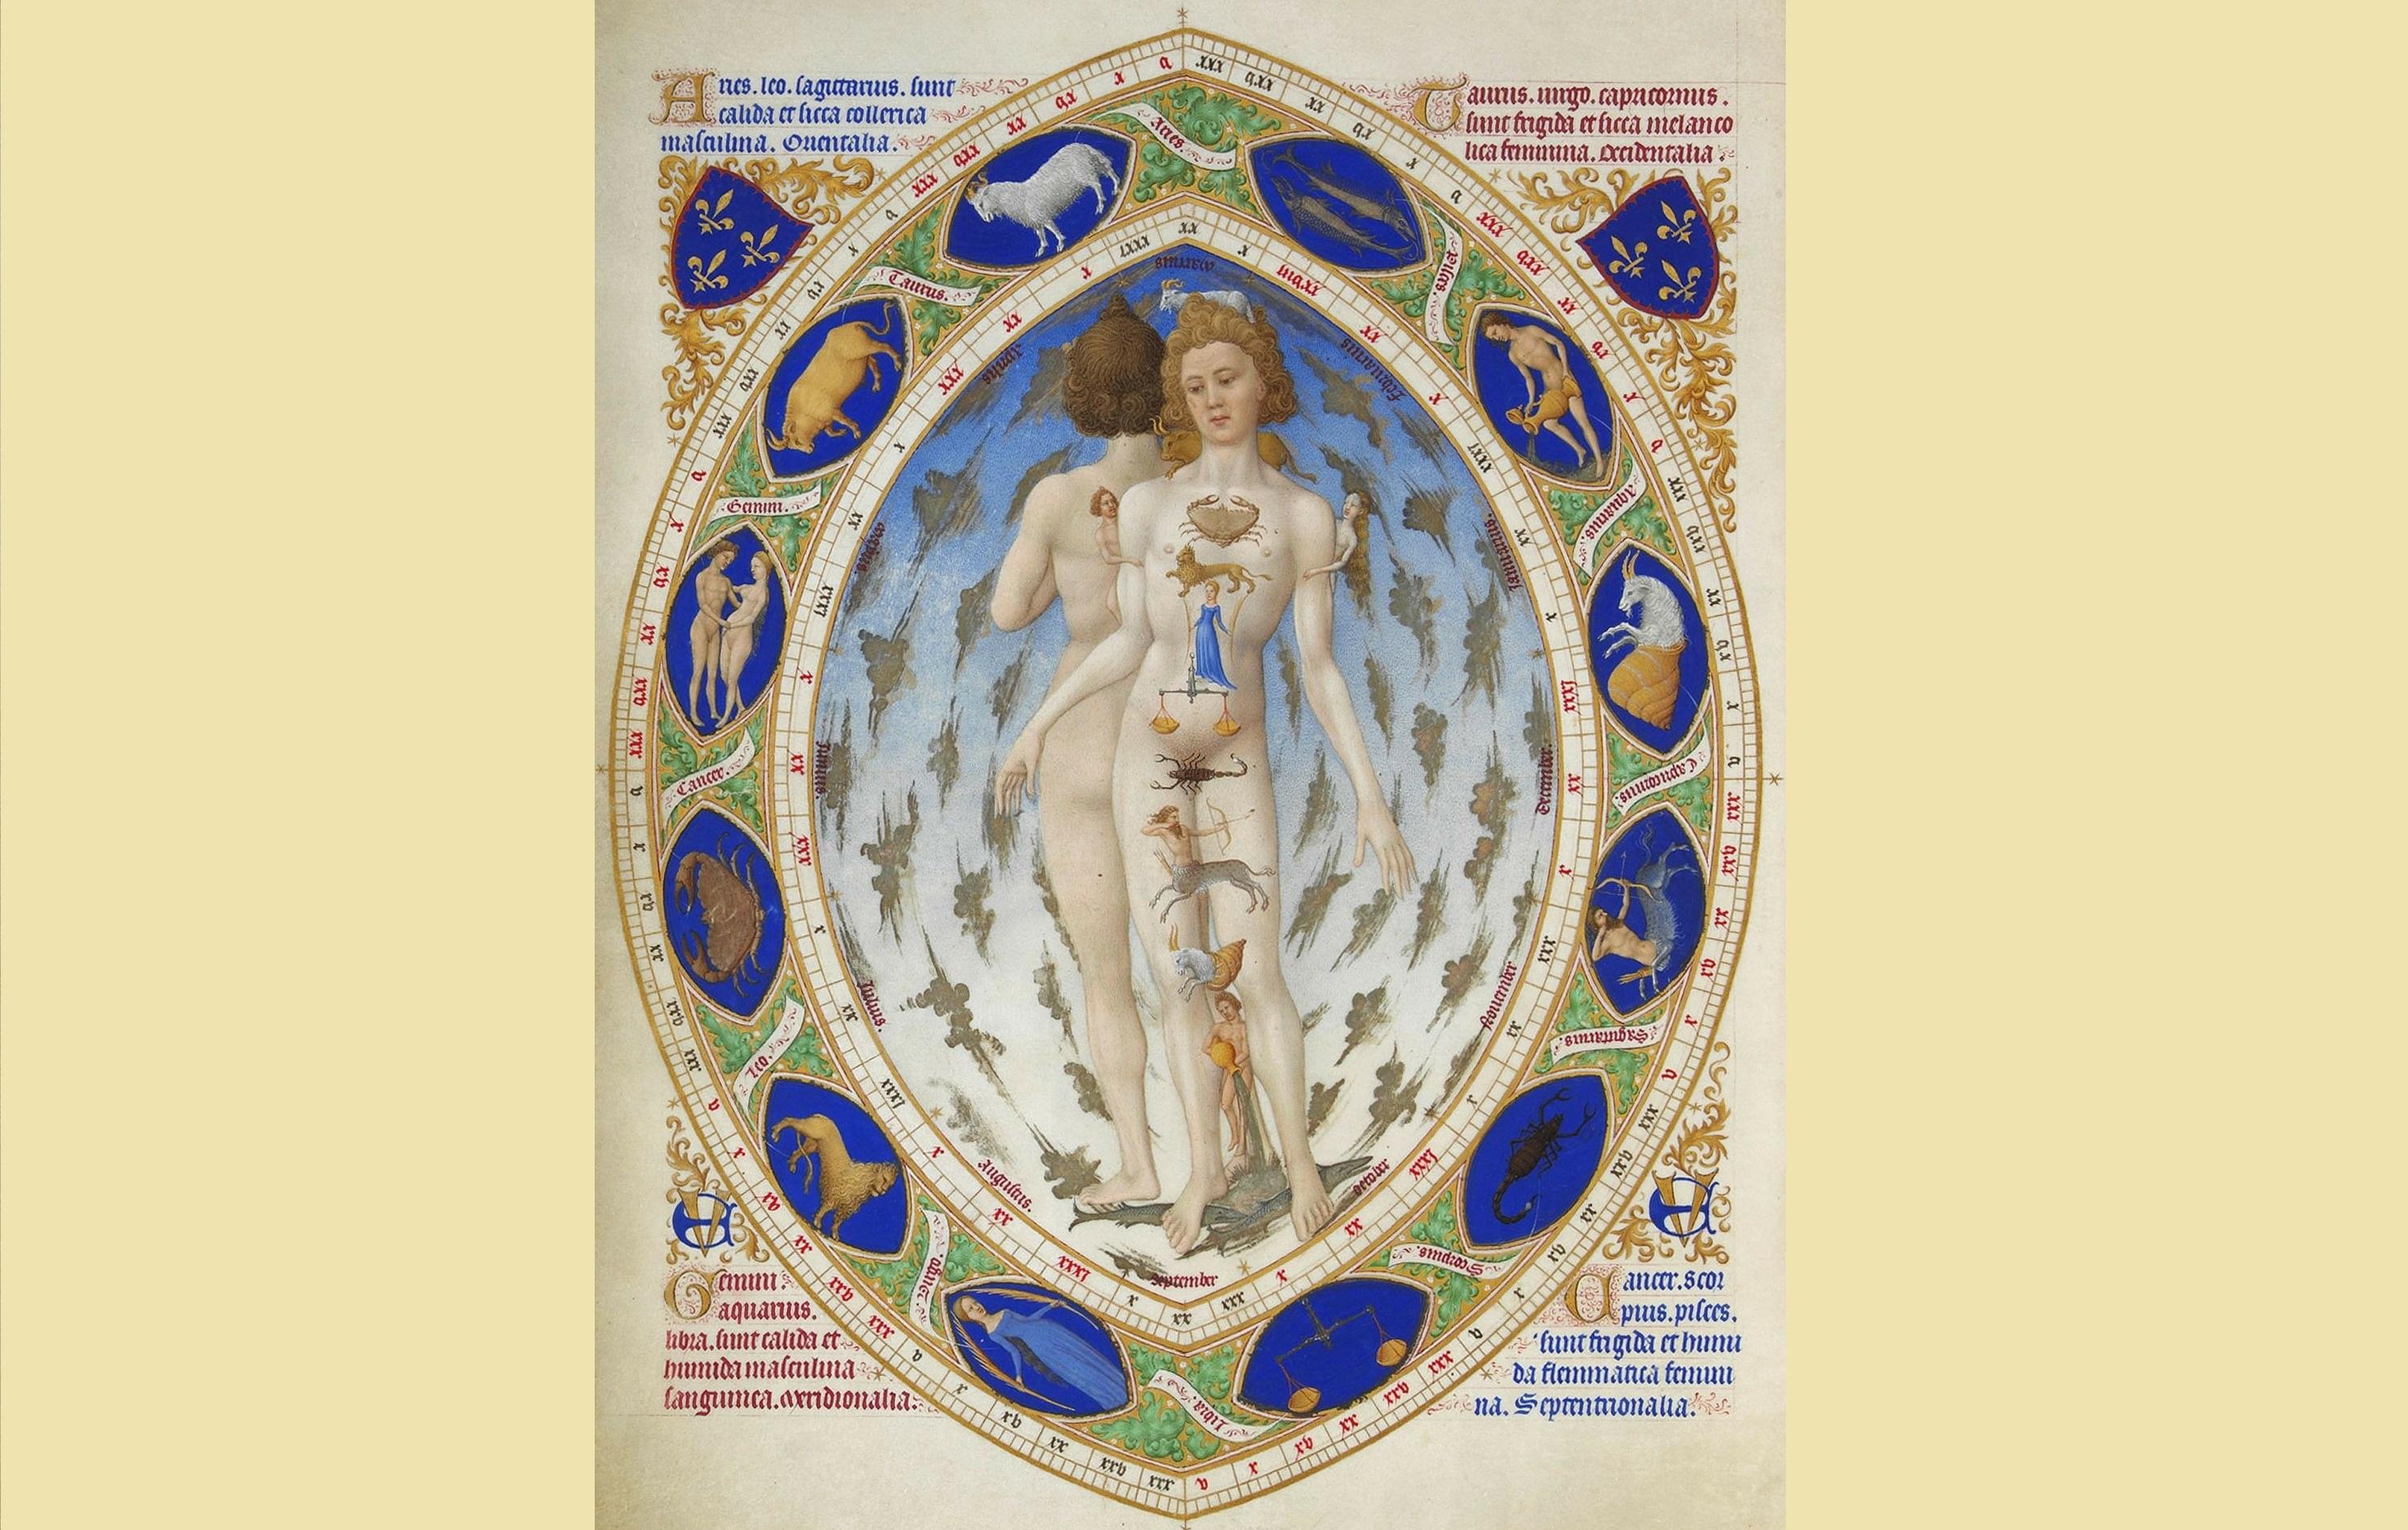 zodiile si partile corpului - sfatulparintilor.ro - pixabay-com - zodiac-60600_1920